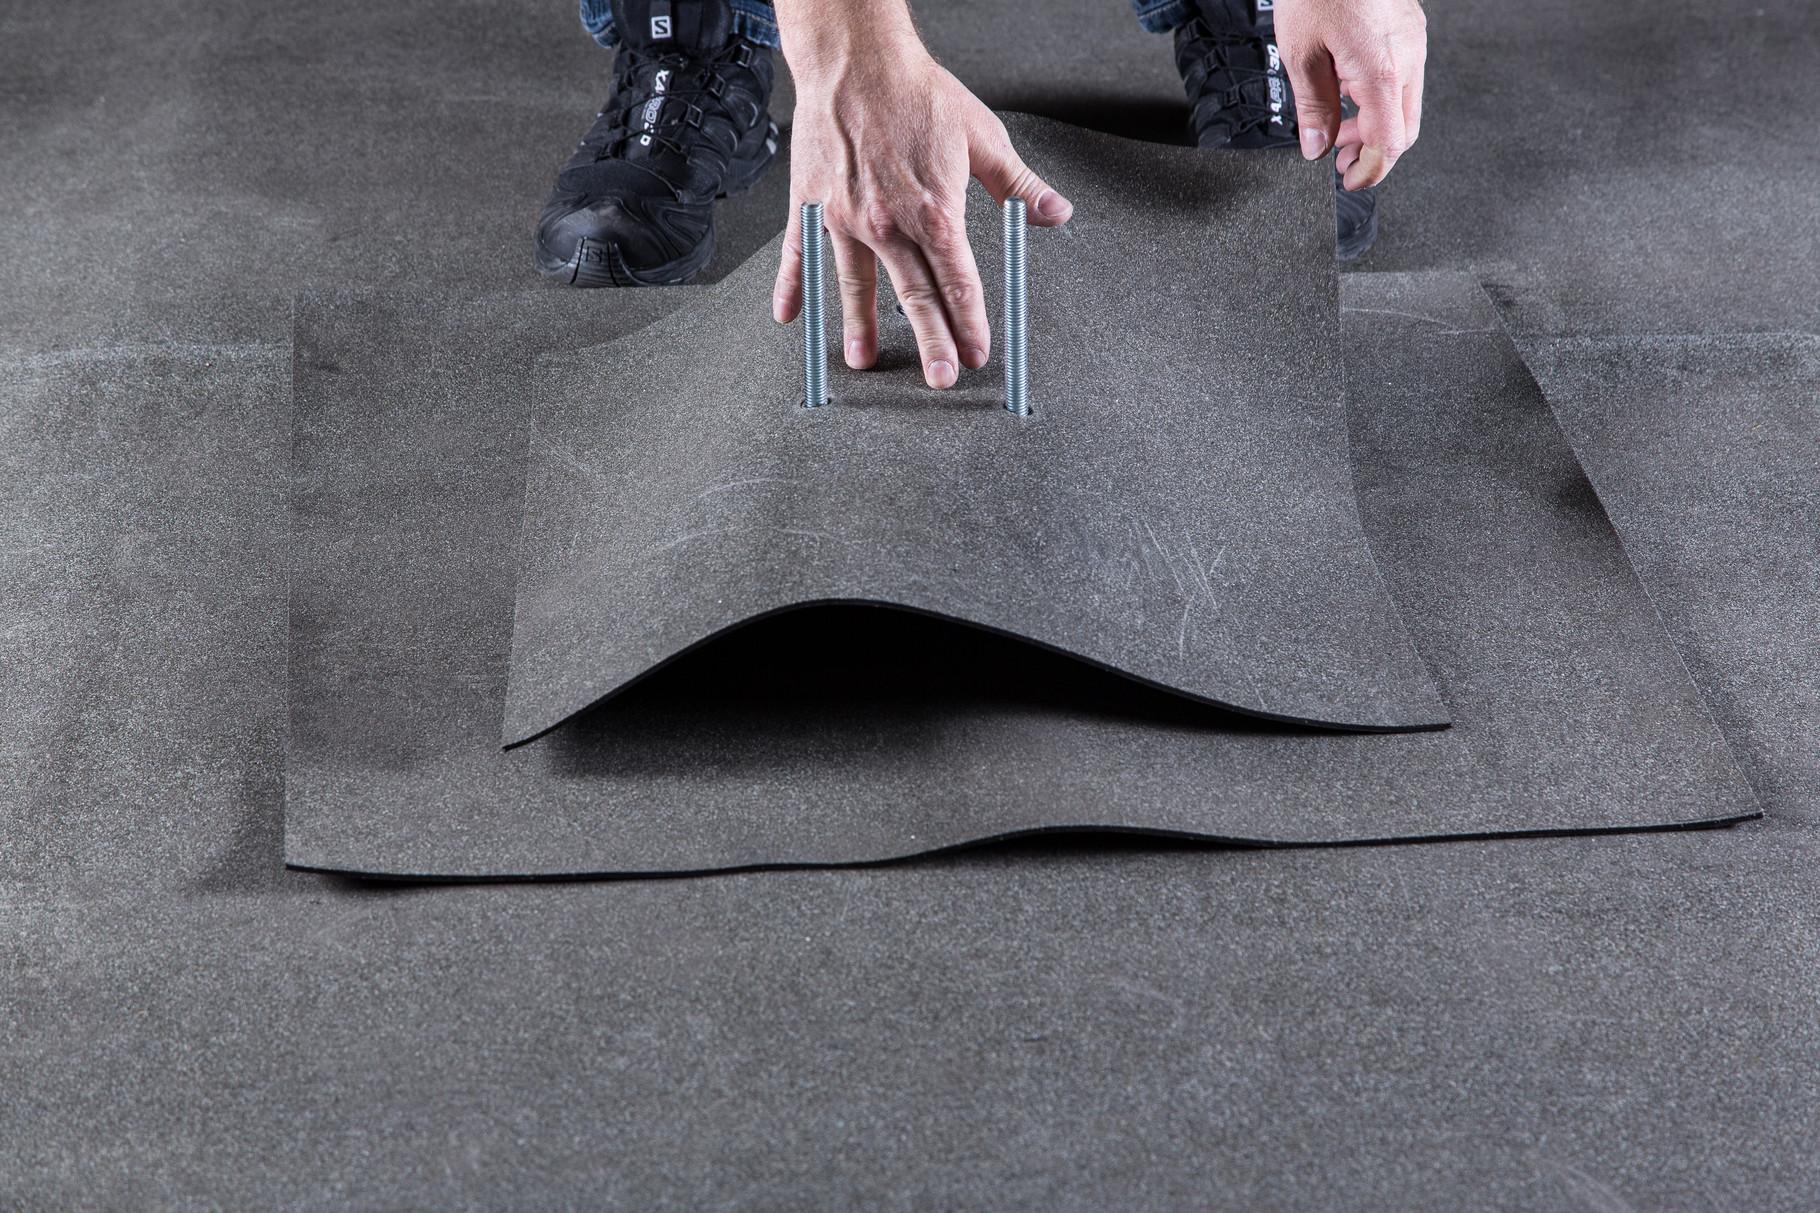 Den Bitumen Dach-Flicken über die Gewindestangen führen. Zwischen der Unterkonstruktion und der Dachbahn sind keine Kleb- oder Dichtstoffe zulässig!